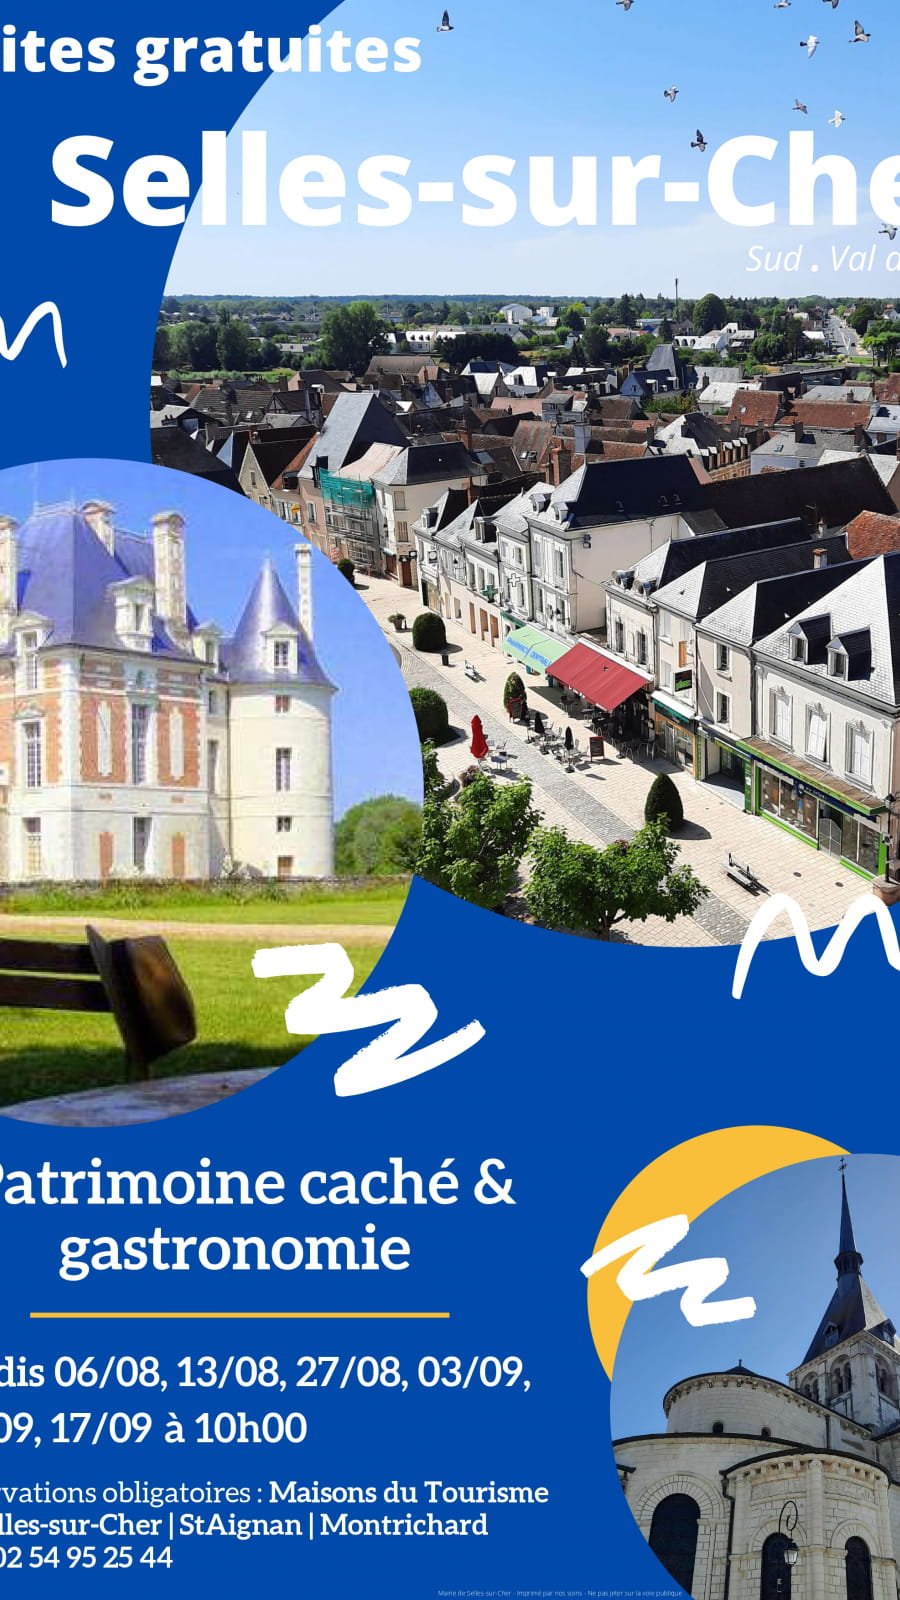 Visite commentée de la ville de Selles-sur-Cher : patrimoine caché & gastronomie